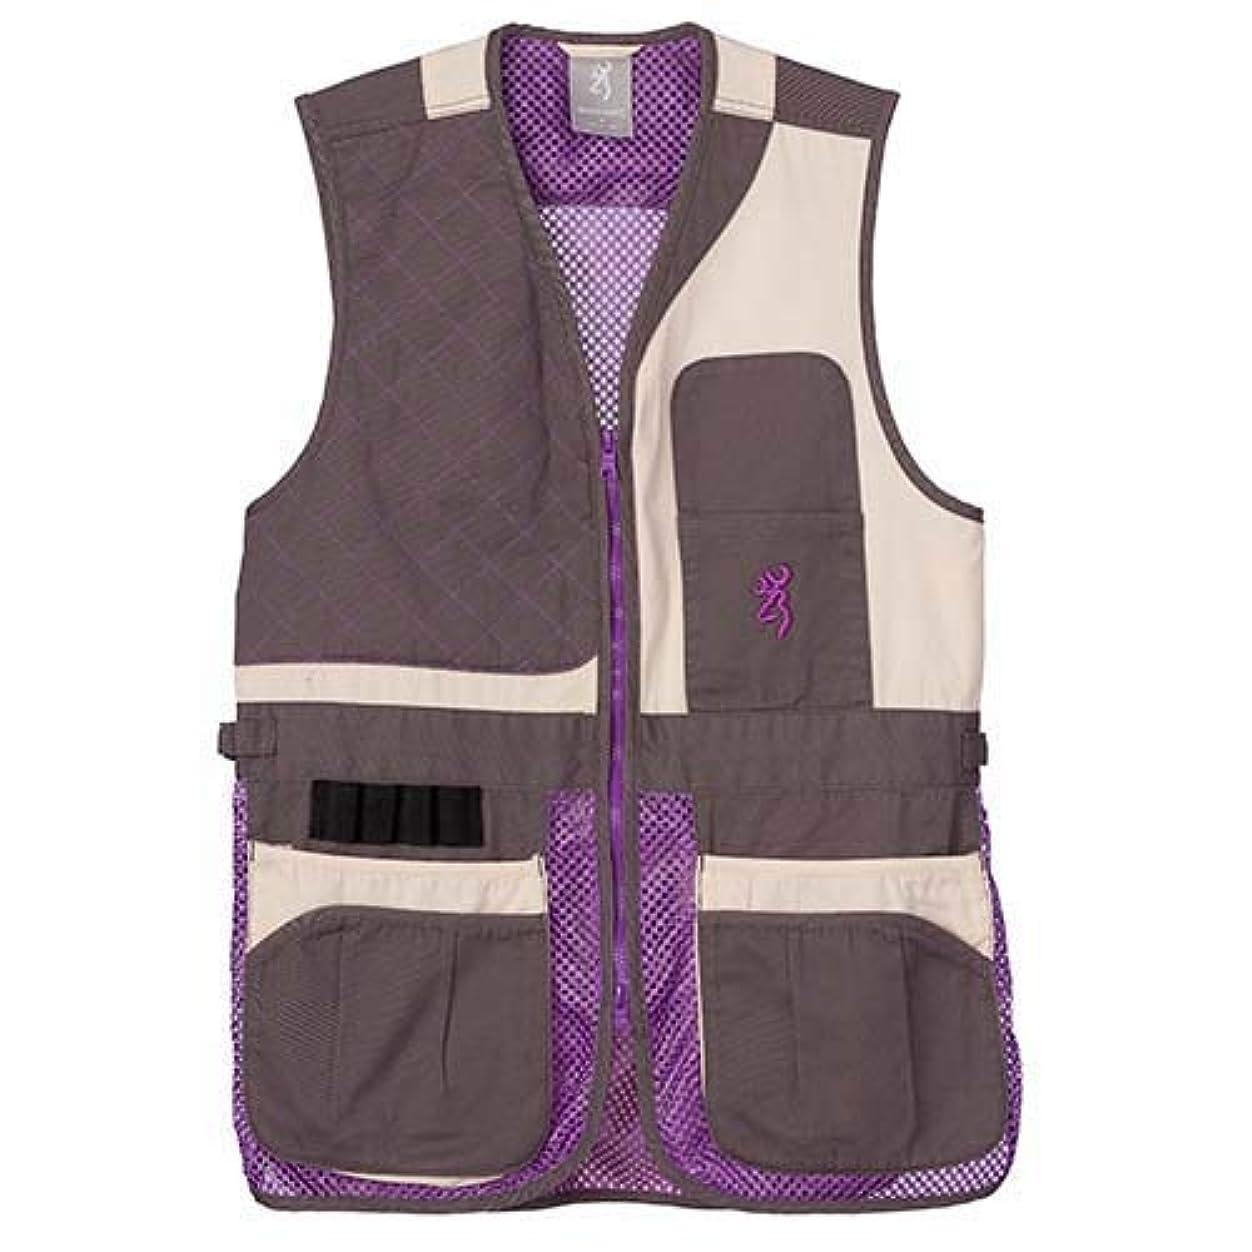 マトリックス専門知識二年生BrowningレディースTrapper CreekメッシュShooting vest-cream/Plum/グレー